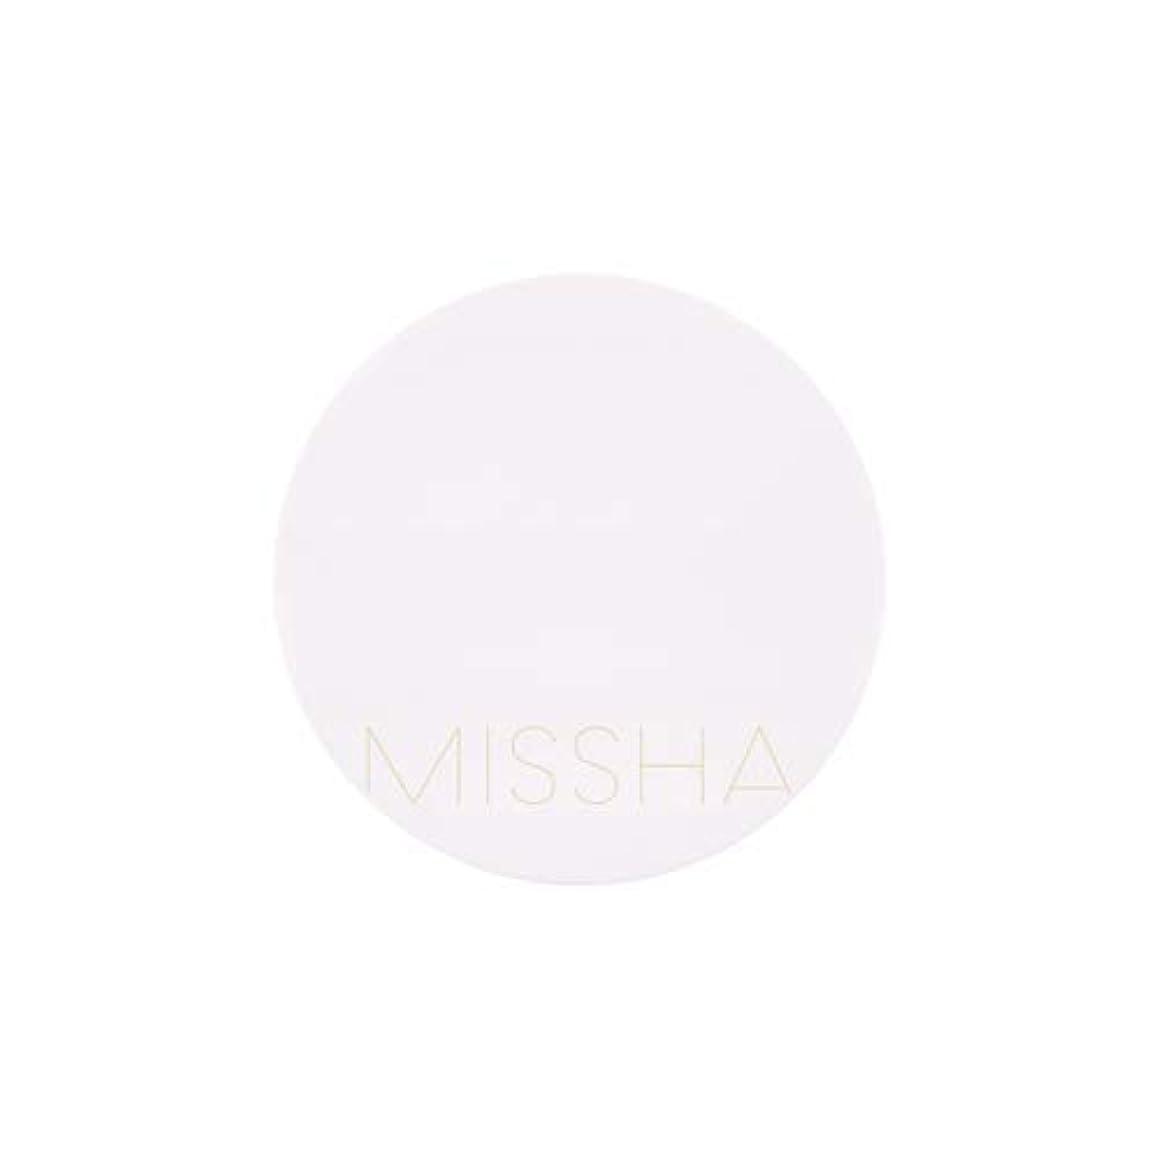 トリッキー野望水族館MISSHA(ミシャ) M MAGIC CUSHION MOISTURE マジック クッションモイスチャーSPF50+/PA+++ (23号)